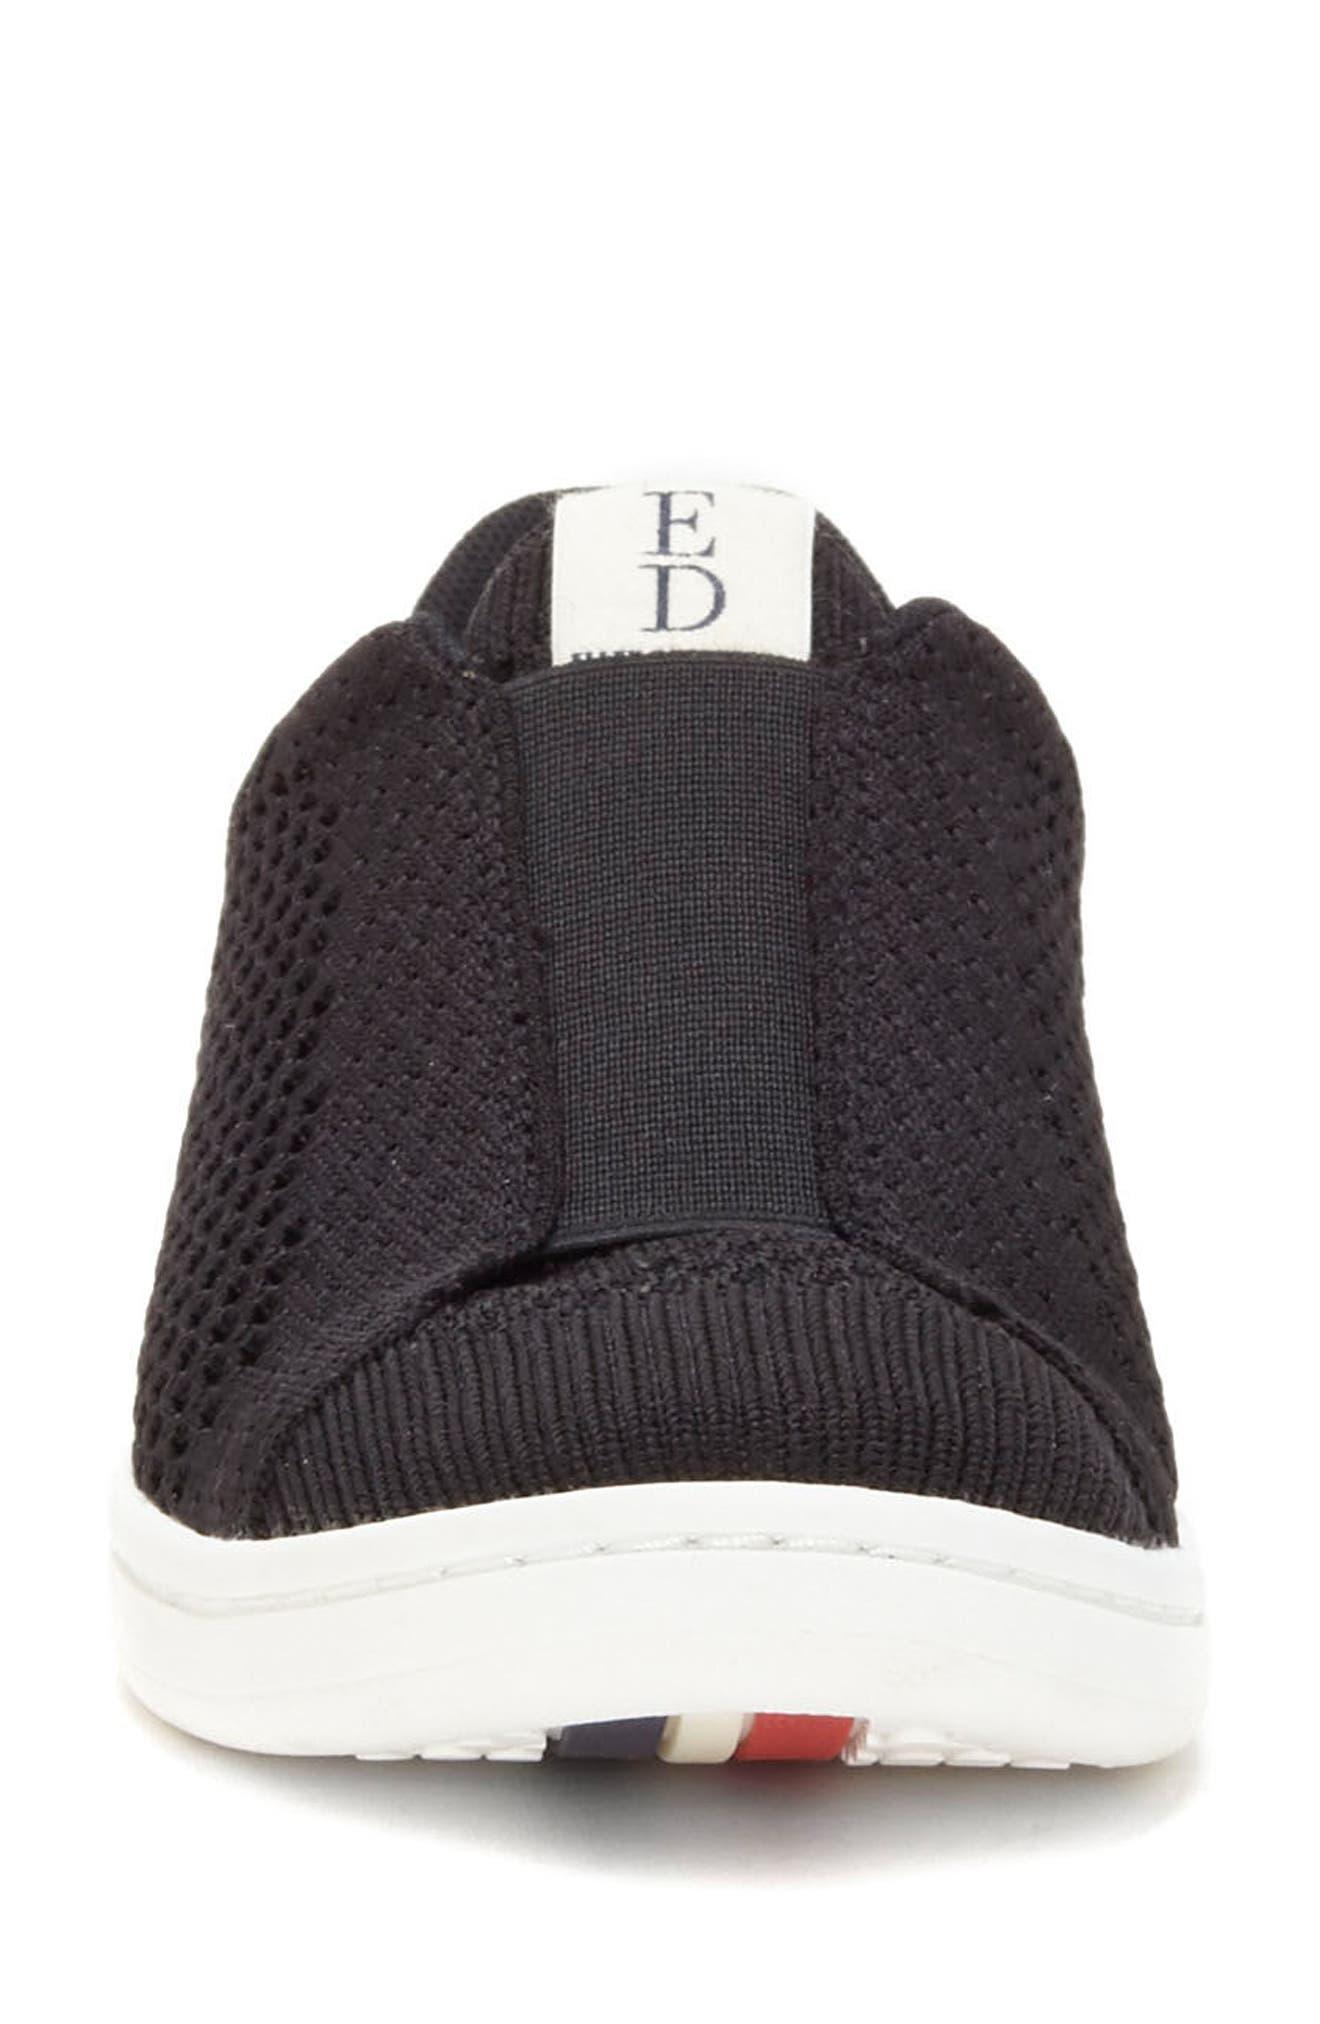 Casbey Slip-On Sneaker,                             Alternate thumbnail 4, color,                             002